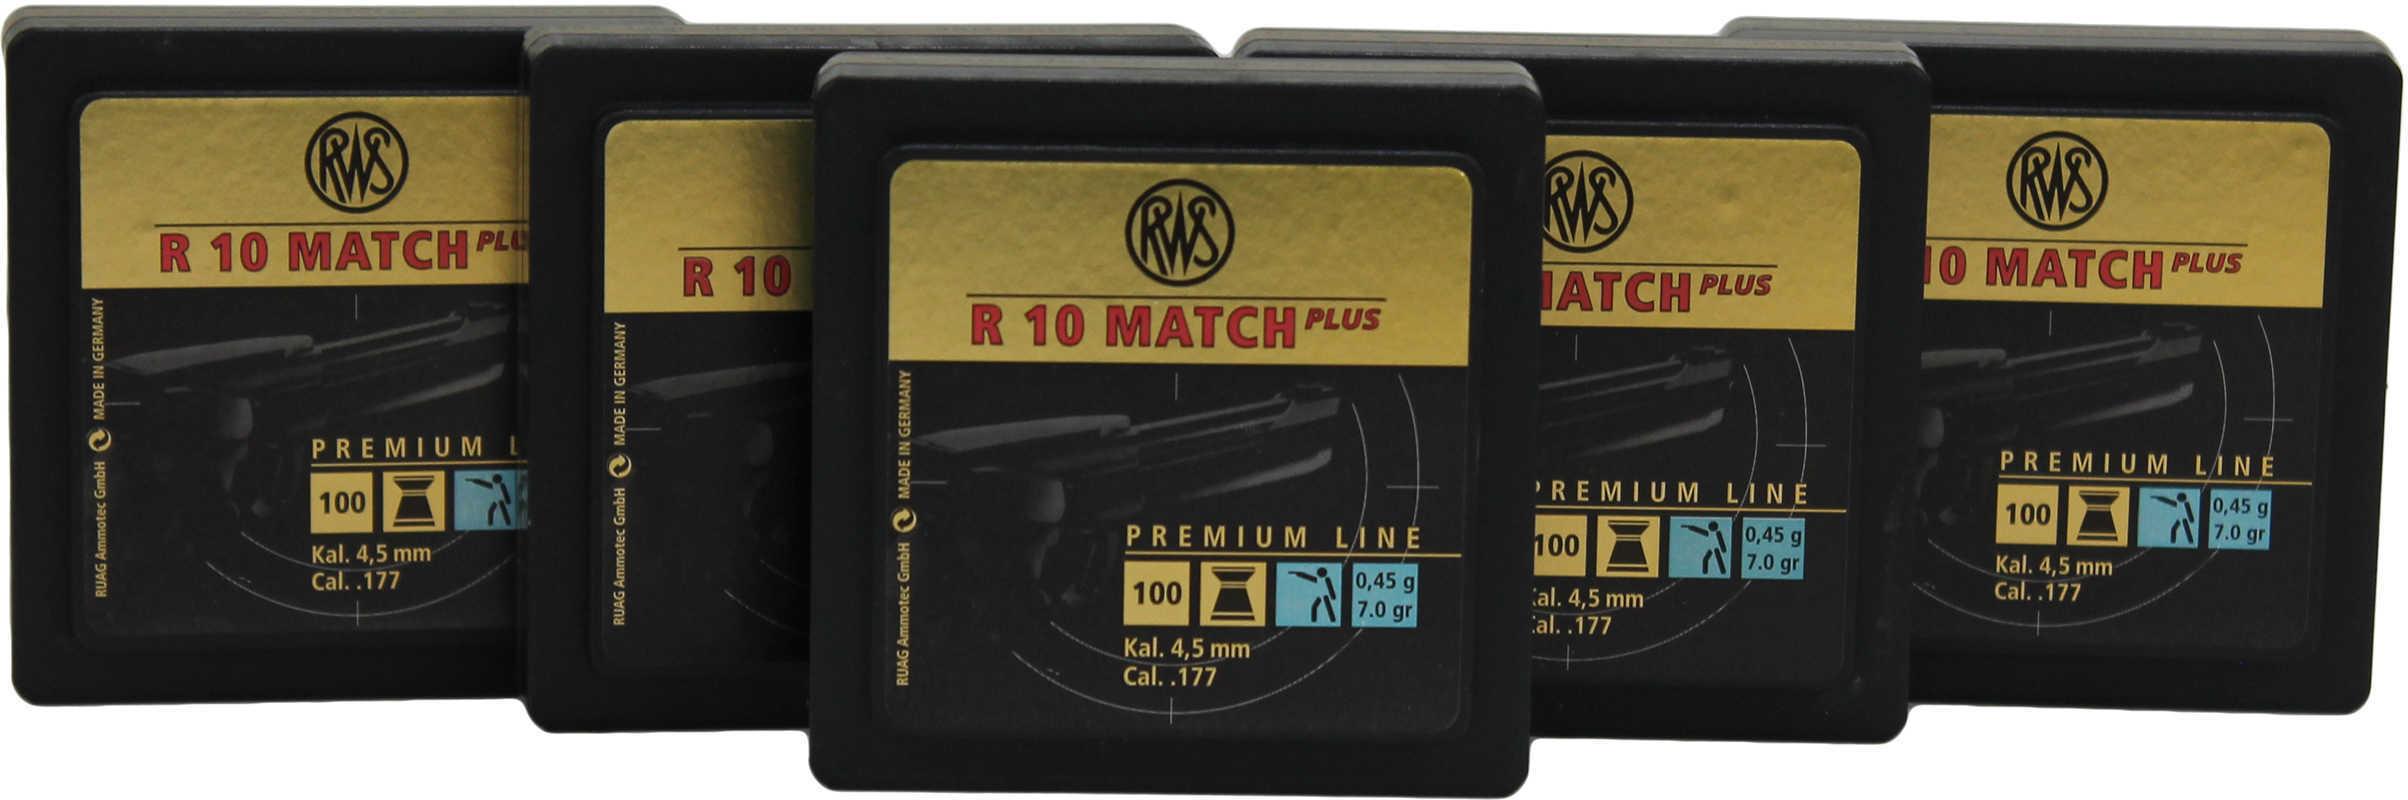 Umarex USA RWS R10 Match+ Lite Per 500 .177 Md: 231-5010